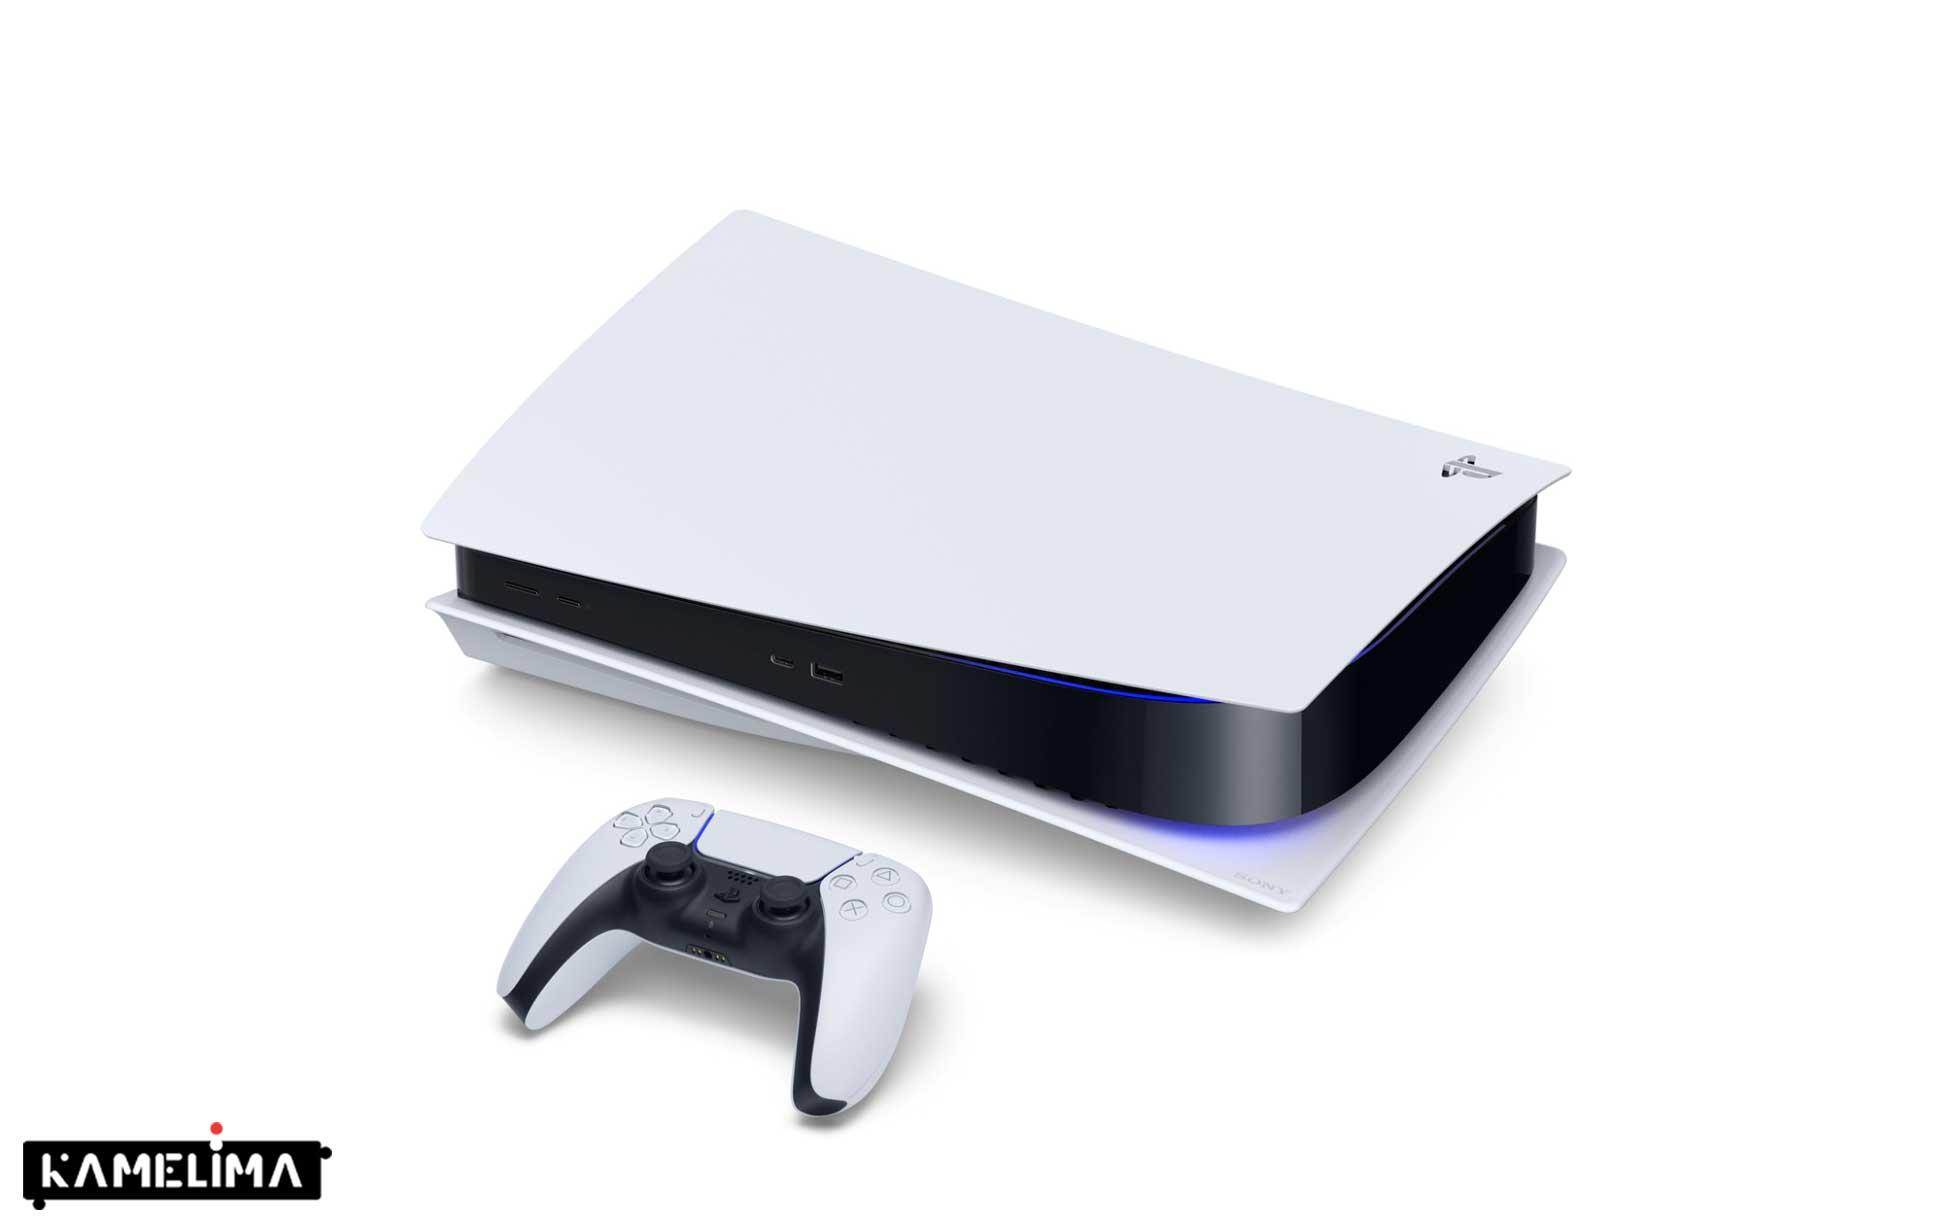 قیمت و مشخصات کنسول PS5 سونی